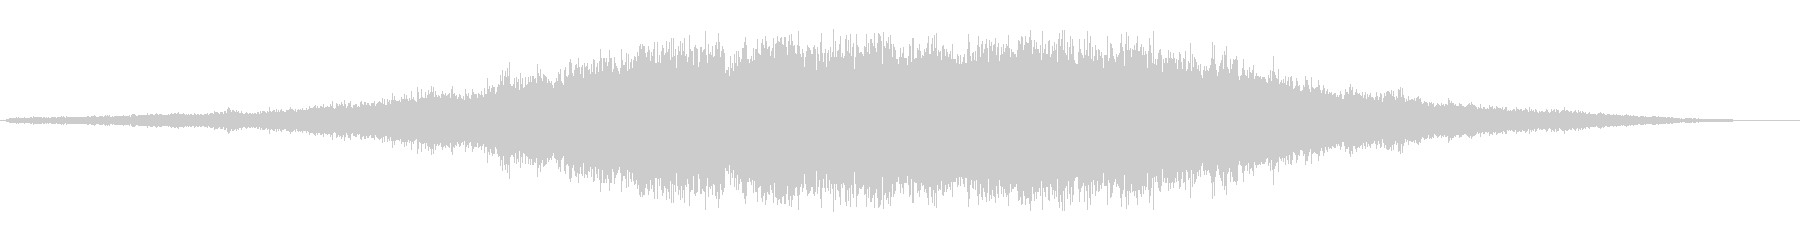 キーン(キラキラ系)の未再生の波形